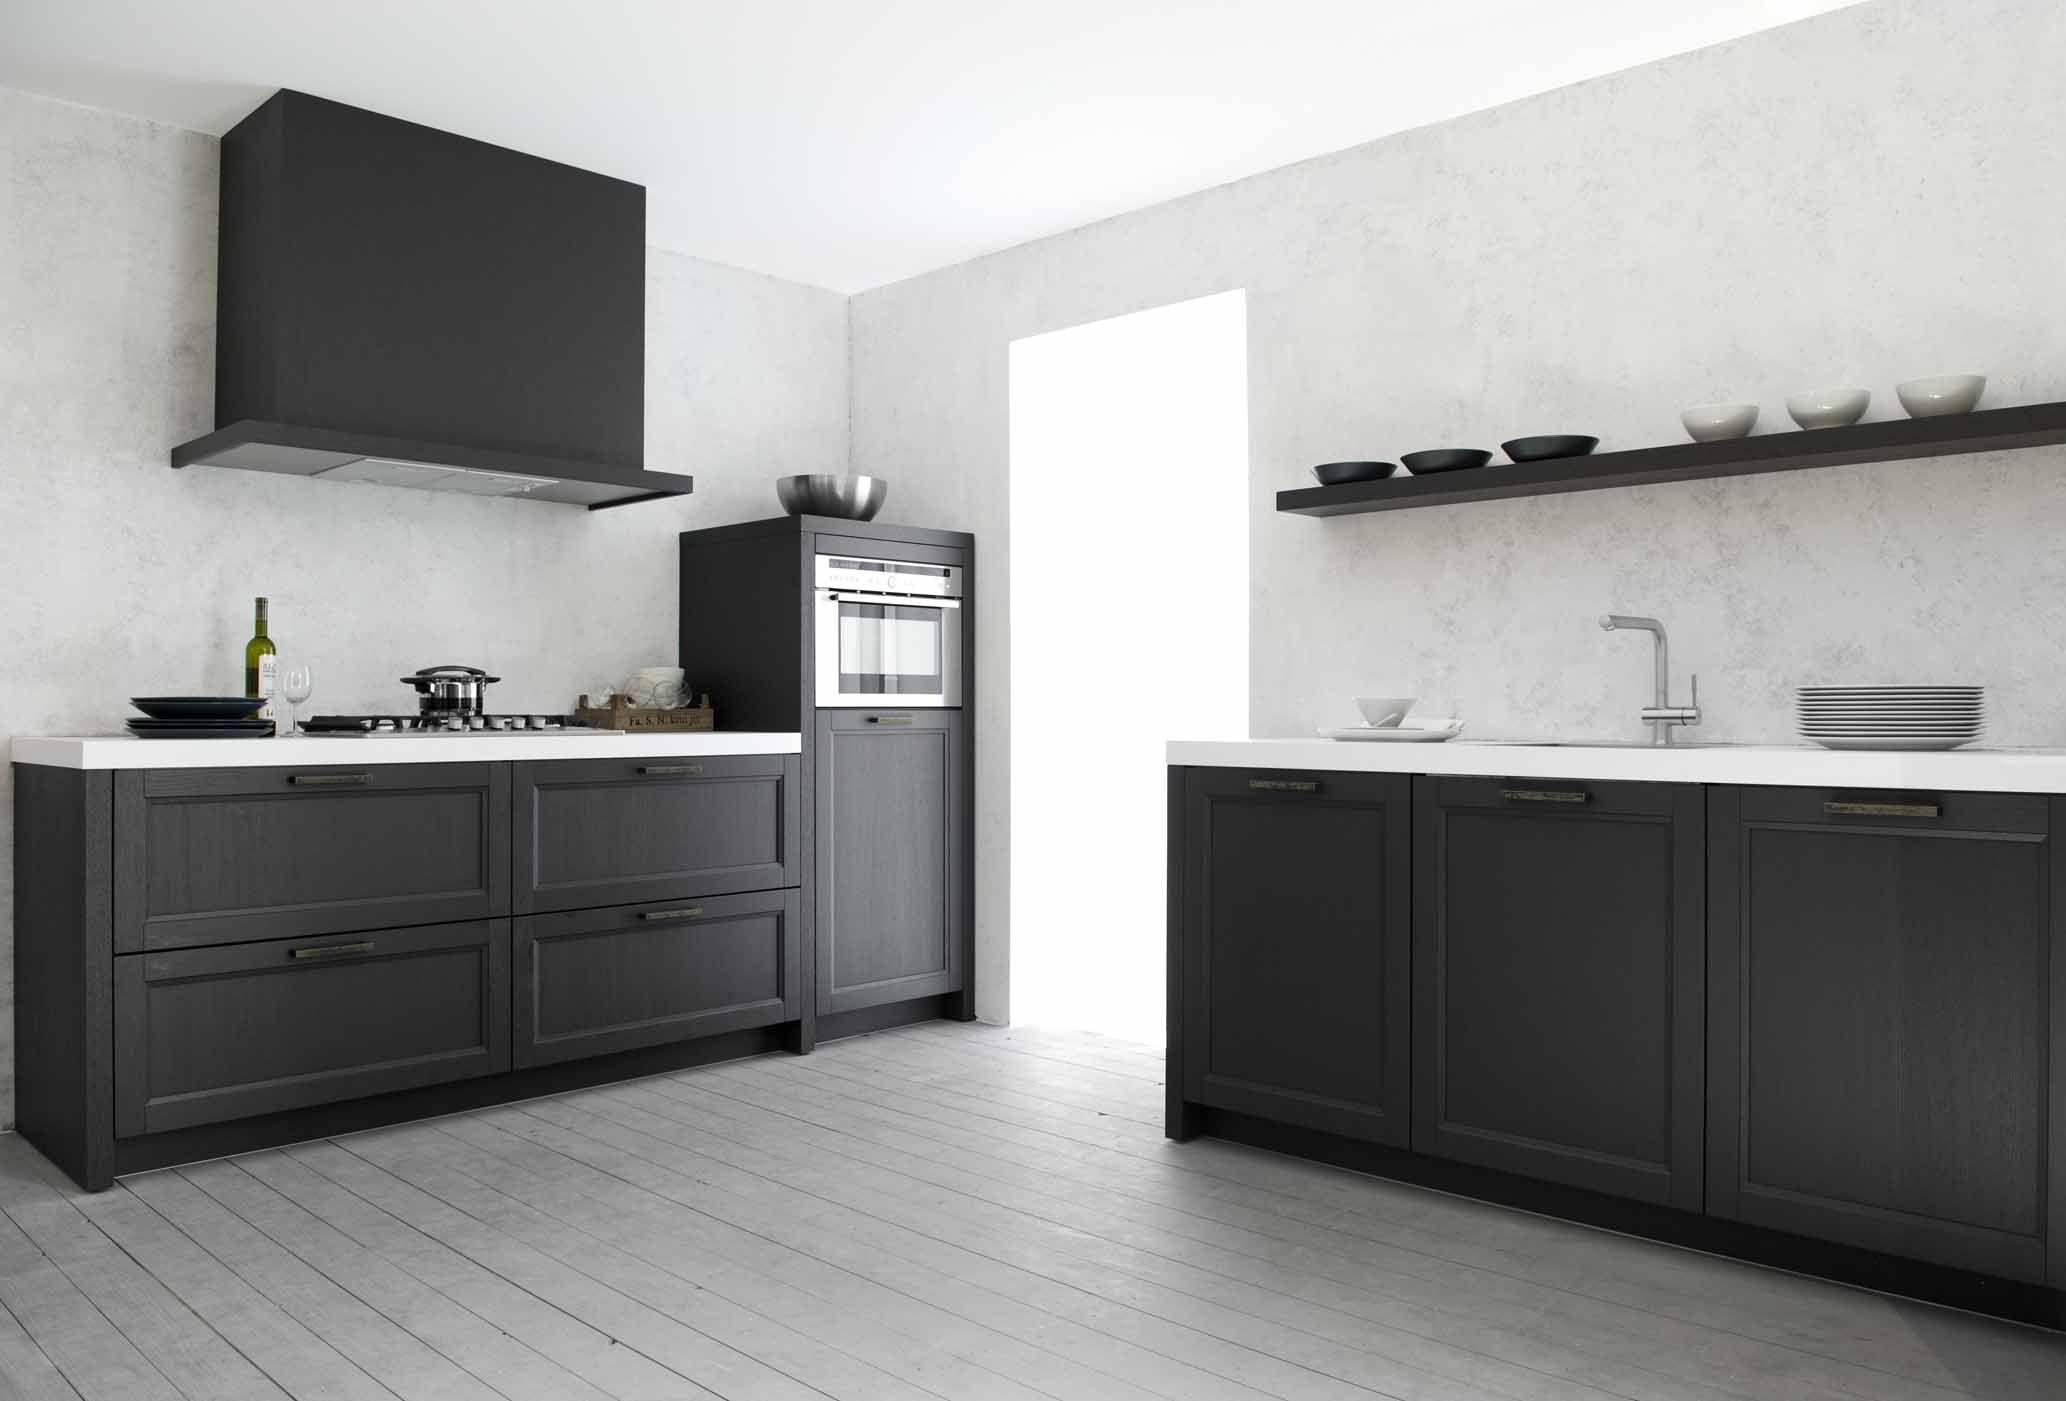 Voor Zeer Lage Keuken Prijzen Elba Olive Basalt Grijs 46466 Pictures ...